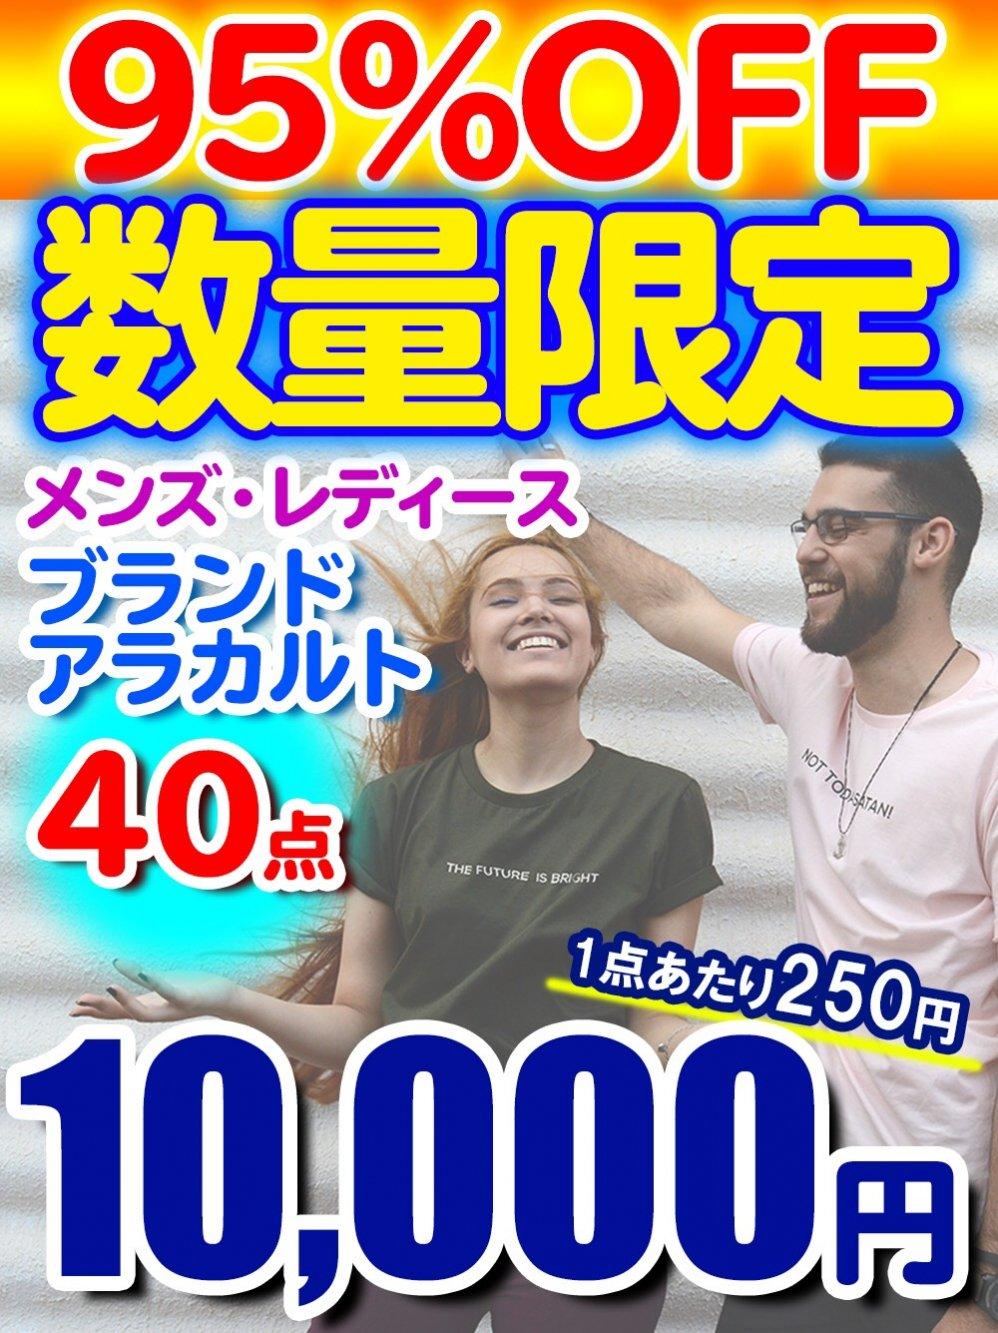 【95%OFF】数量限定メンズ・レディースブランドアラカルト【40点】@250